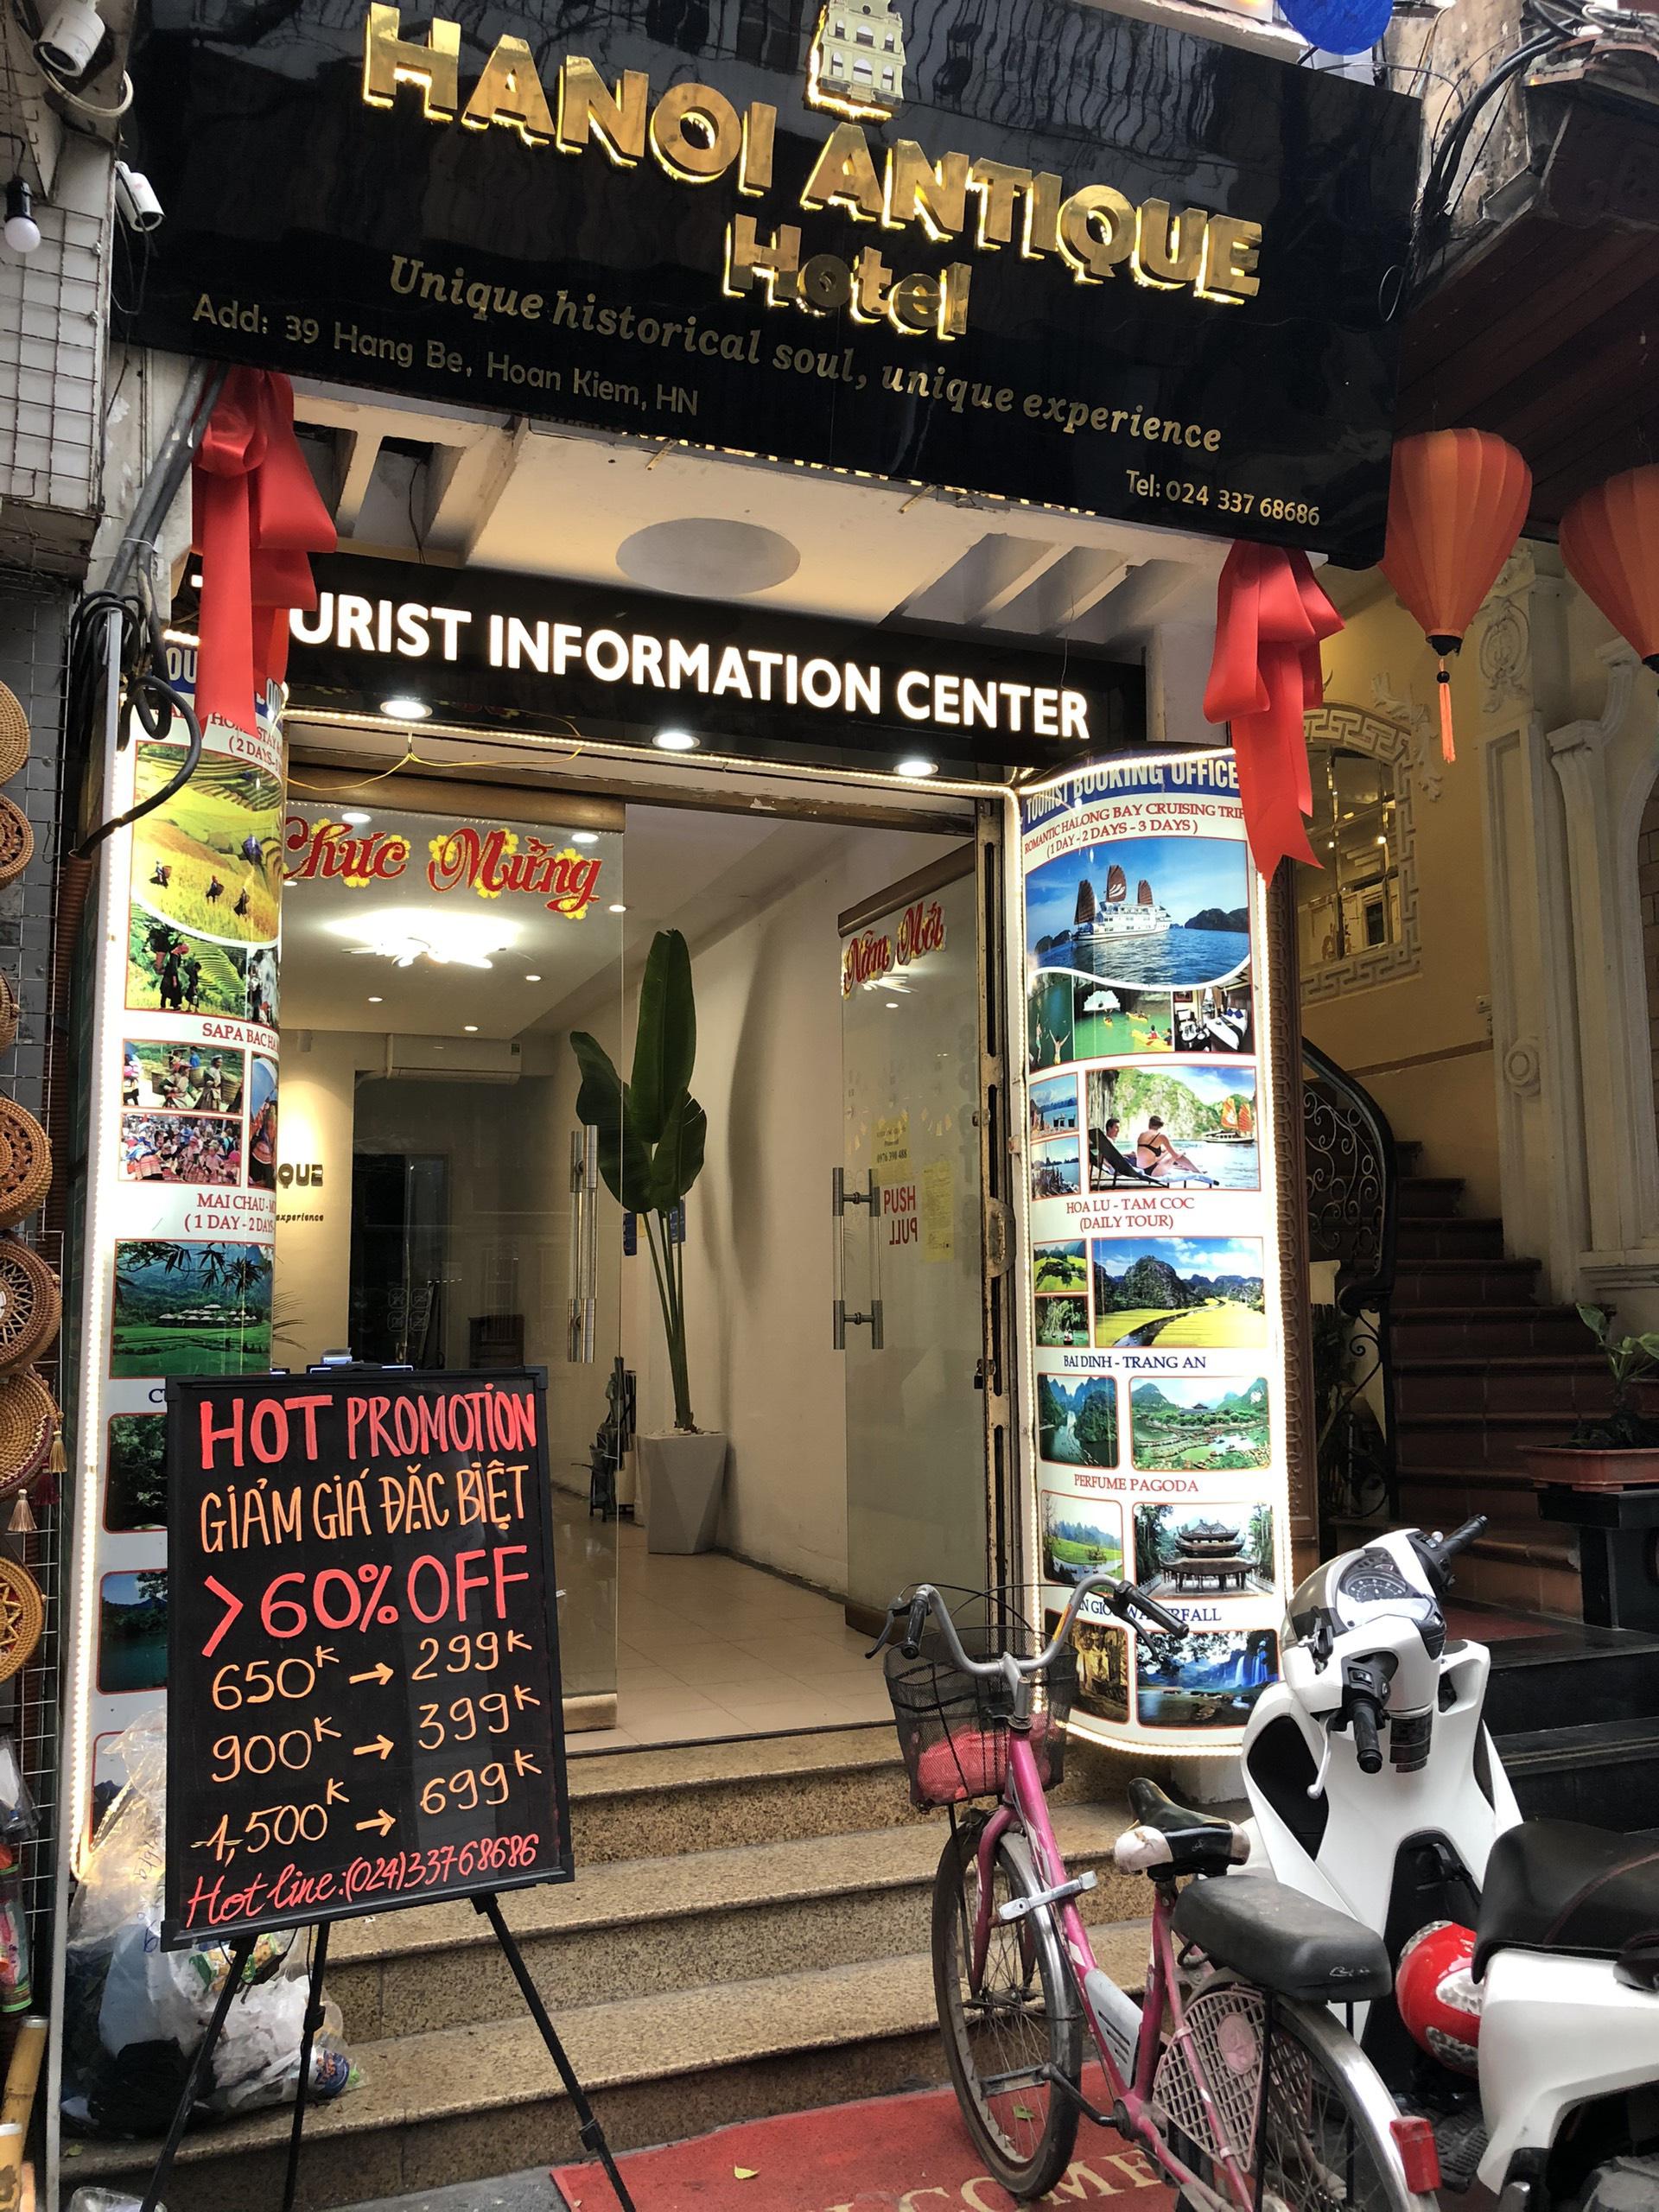 Hàng loạt khách sạn phố cổ Hà Nội đóng cửa, nhiều nơi giảm giá đến 60% để hút khách giữa mùa dịch virus corona - Ảnh 9.